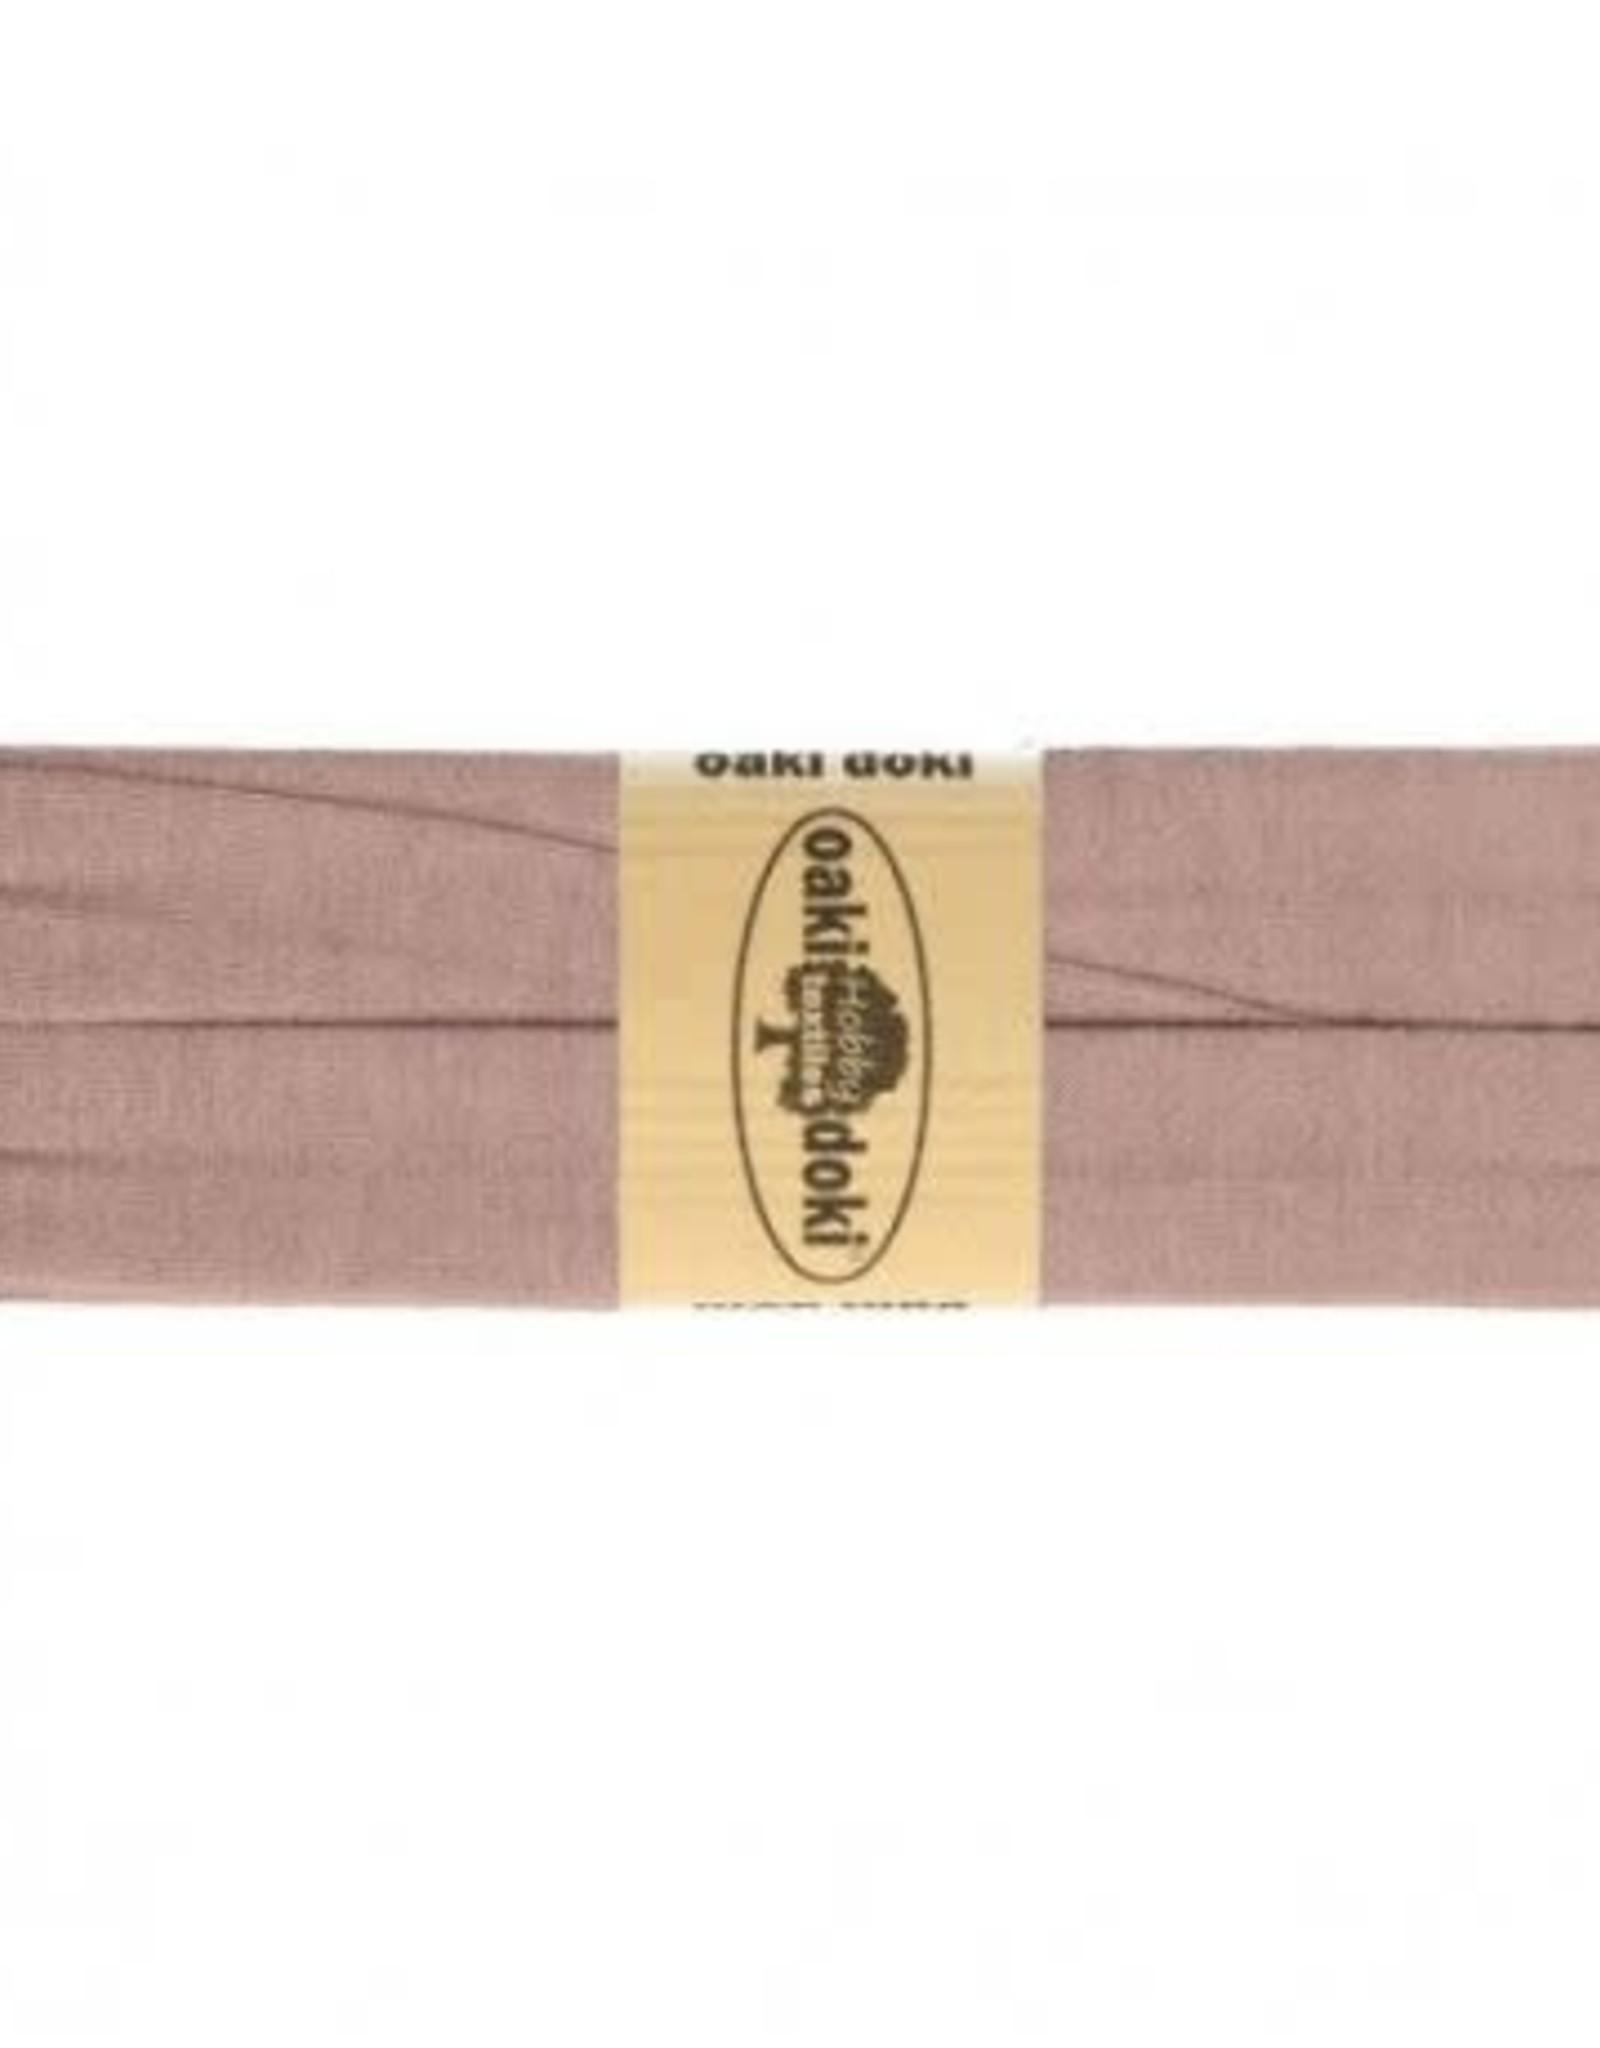 Oaki Doki Biais tricot de luxe Oaki Doki oud roze 013